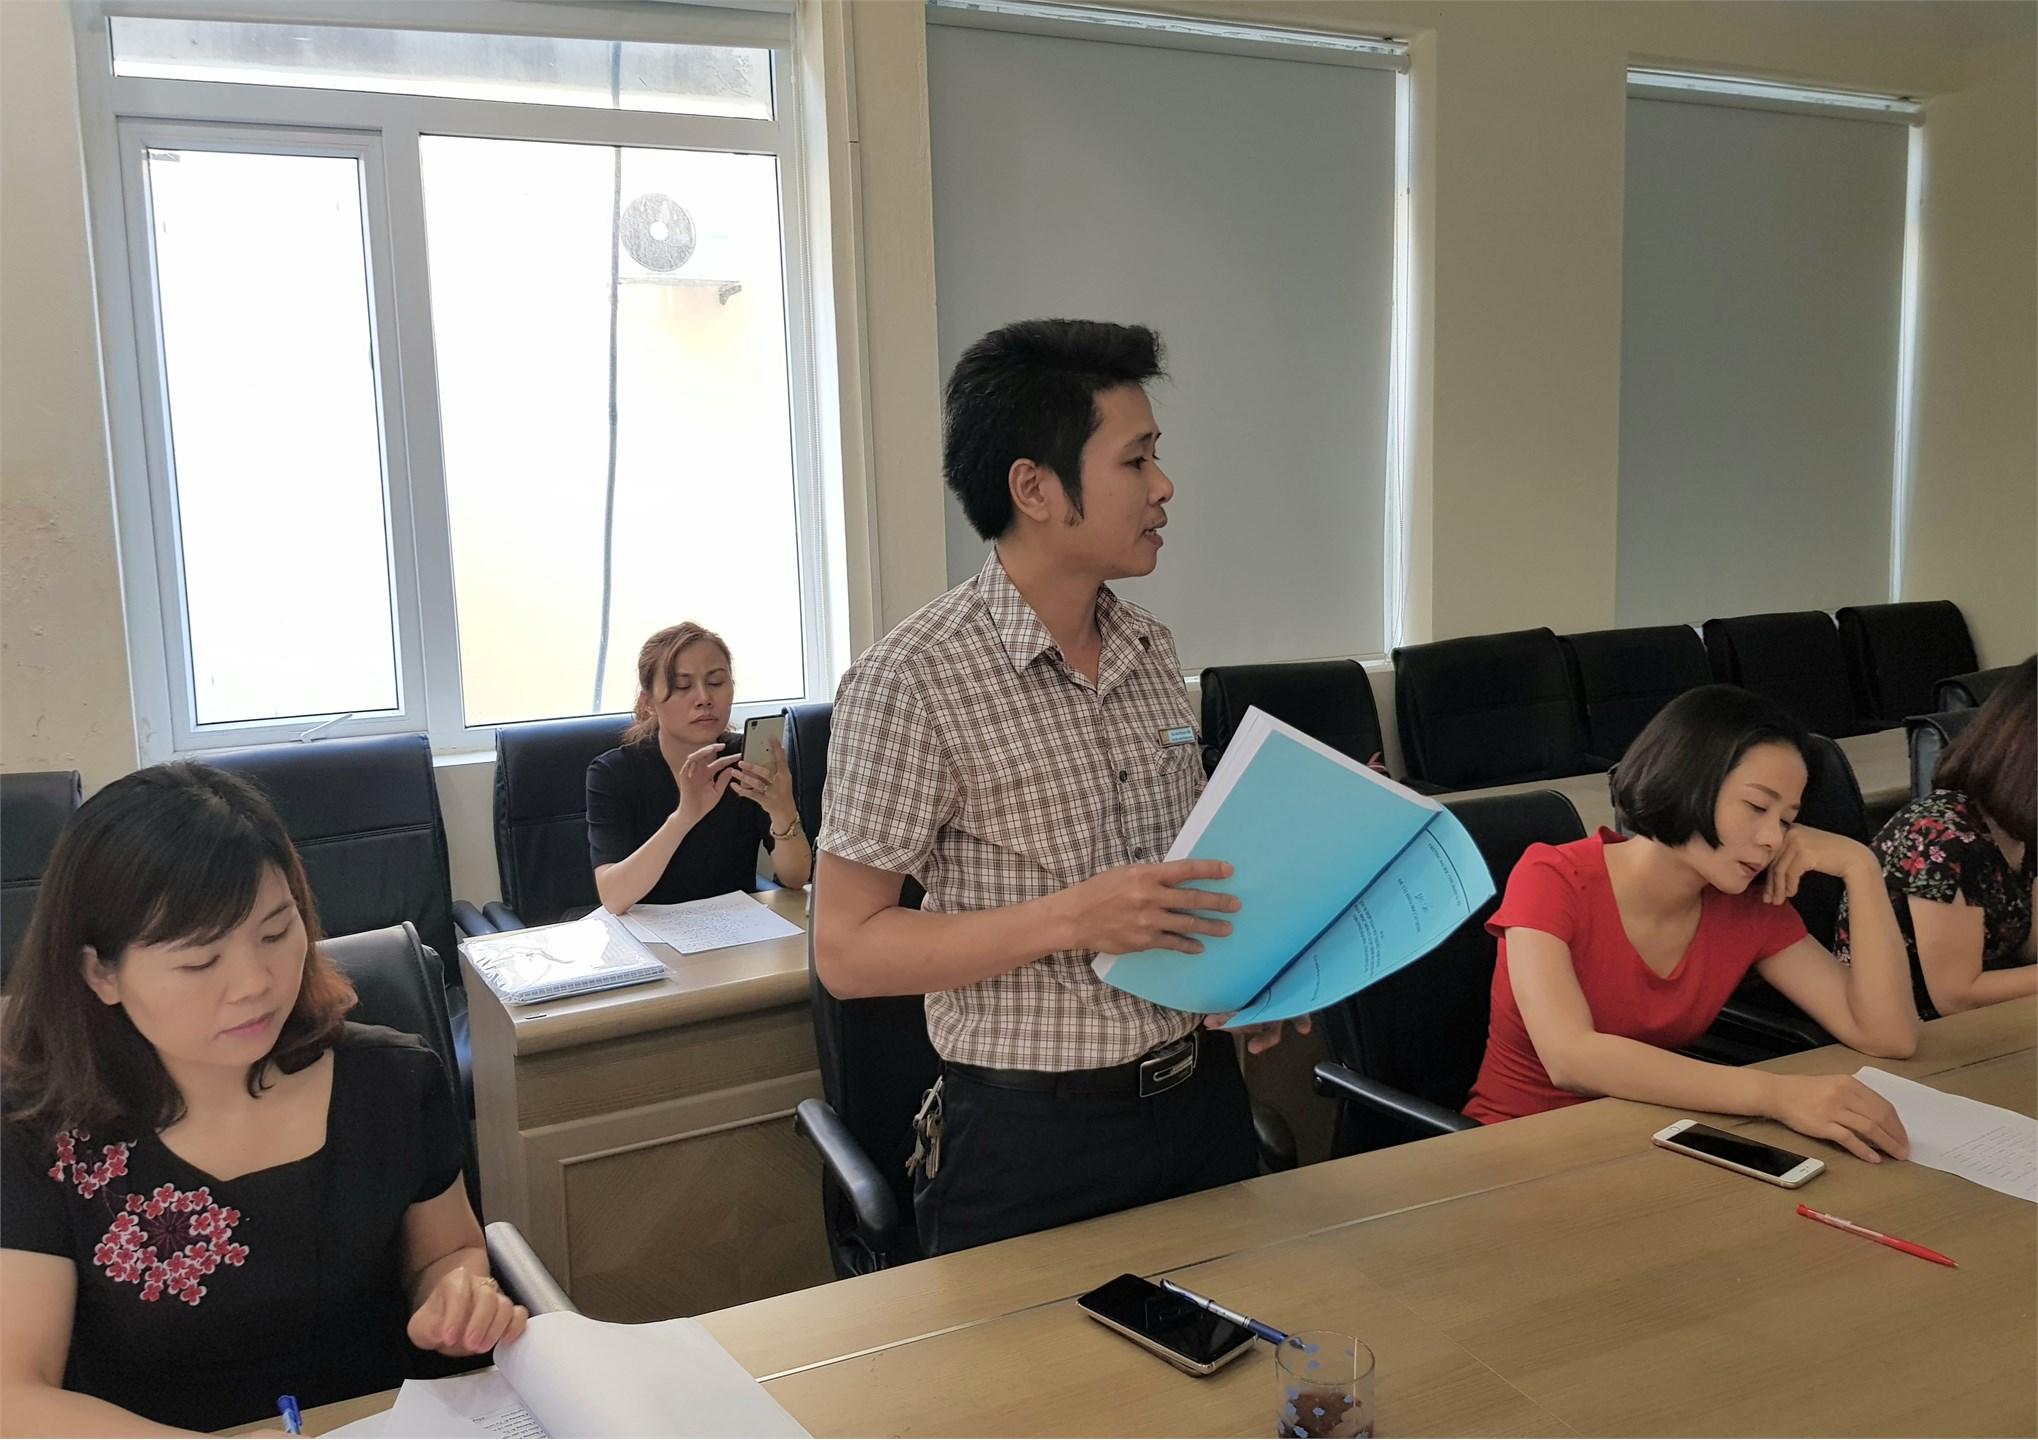 Nghiệm thu cấp cơ sở `Tích hợp giáo dục đạo đức nghề nghiệp vào dạy học môn Lý luận chính trị cho sinh viên Trường Đại học Công nghiệp Hà Nội`